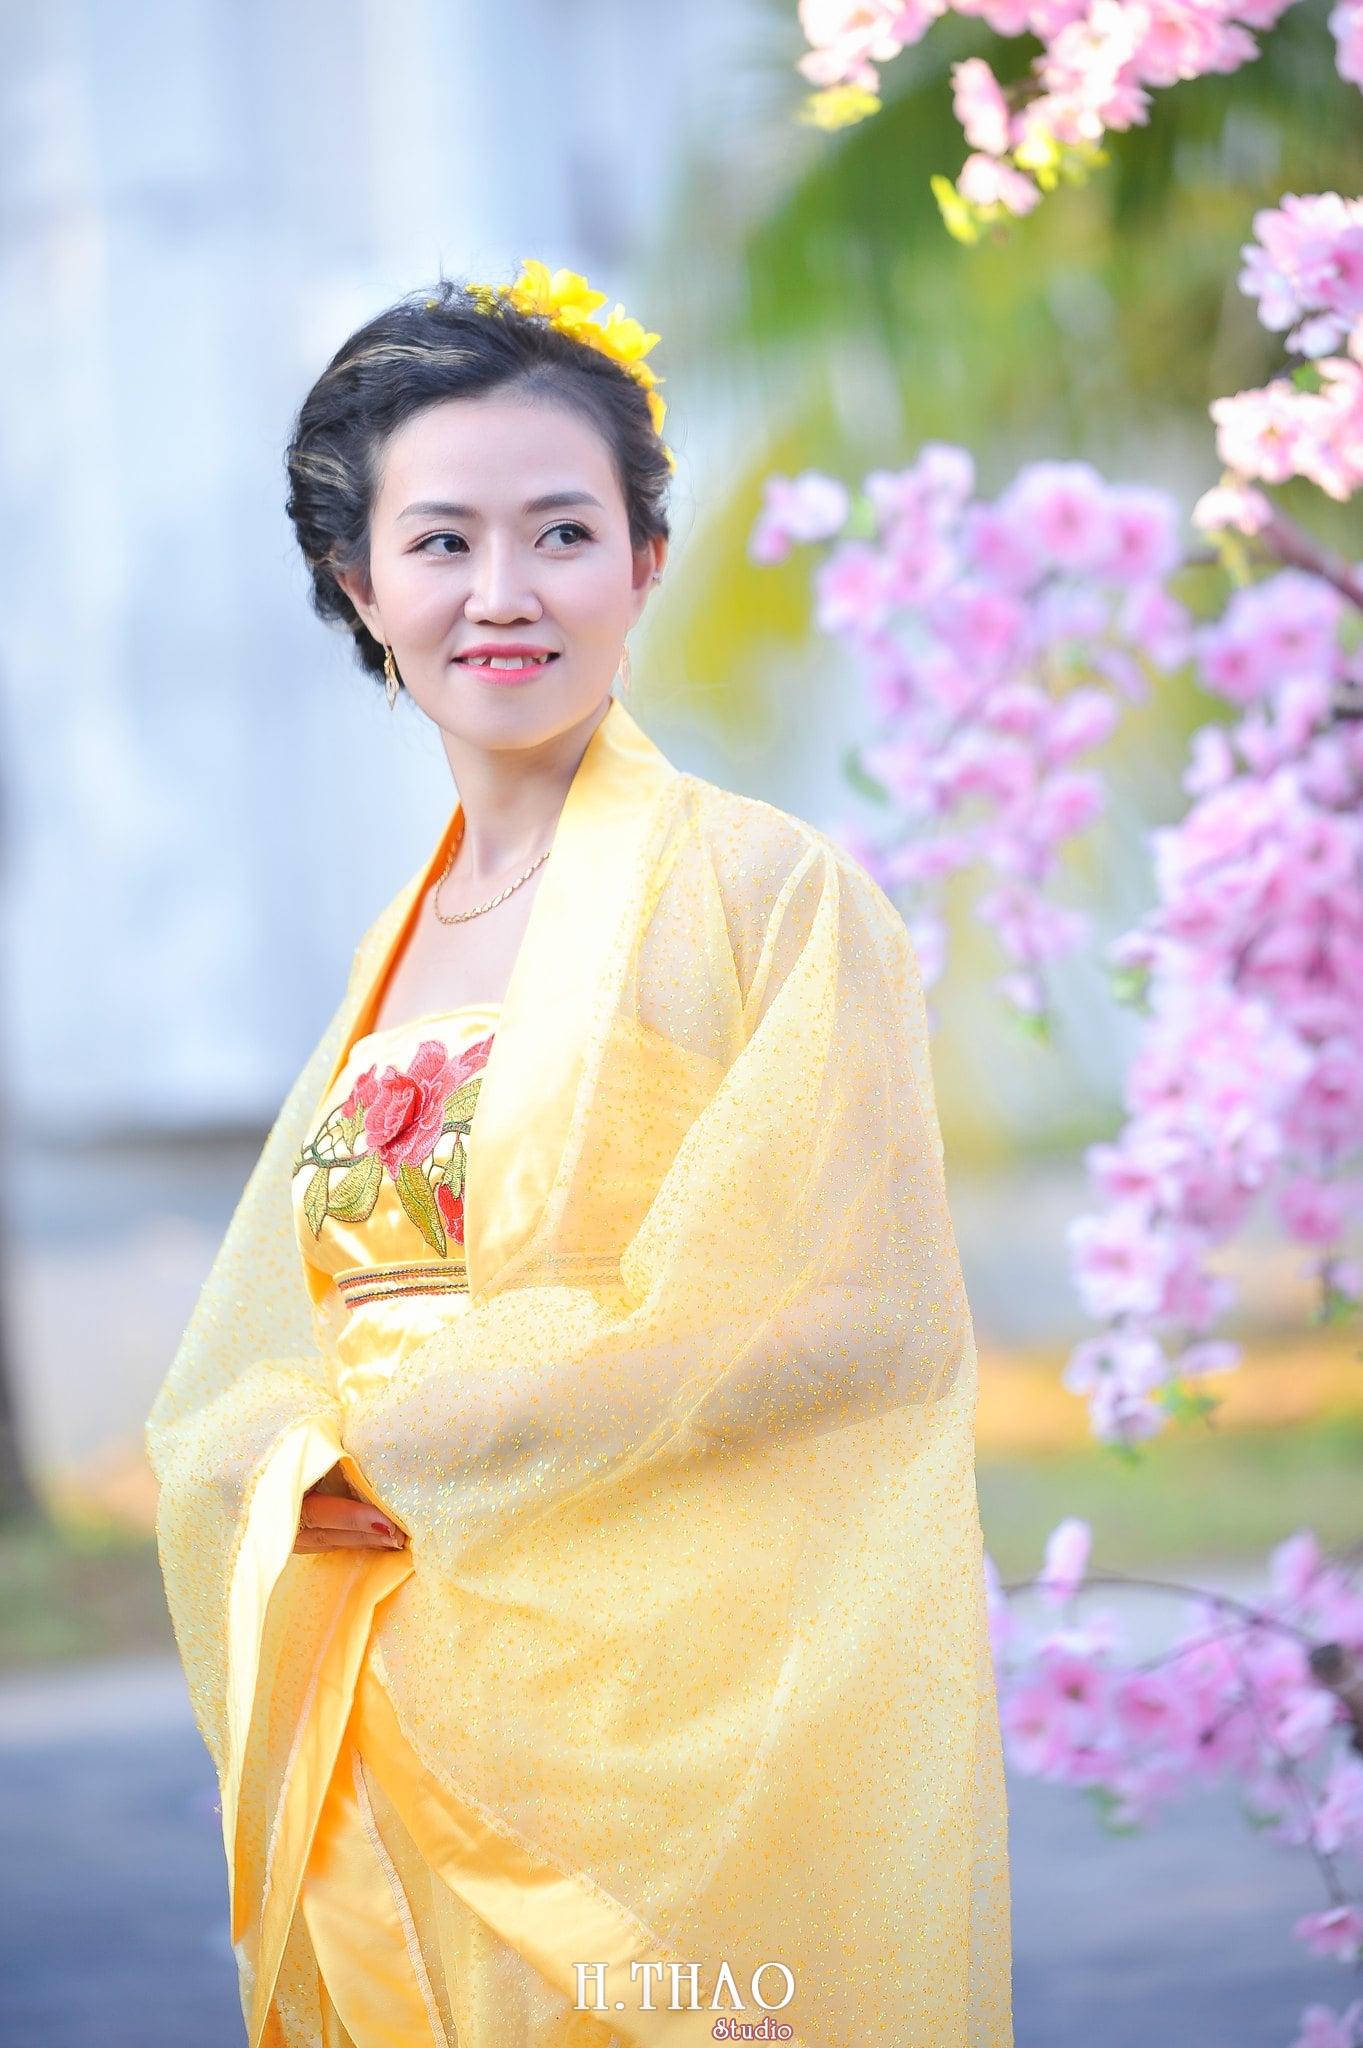 Anh co trang vua va hoang hau 14 - Bộ ảnh couple chụp theo phong cách cổ trang Vua - Hoàng Hậu